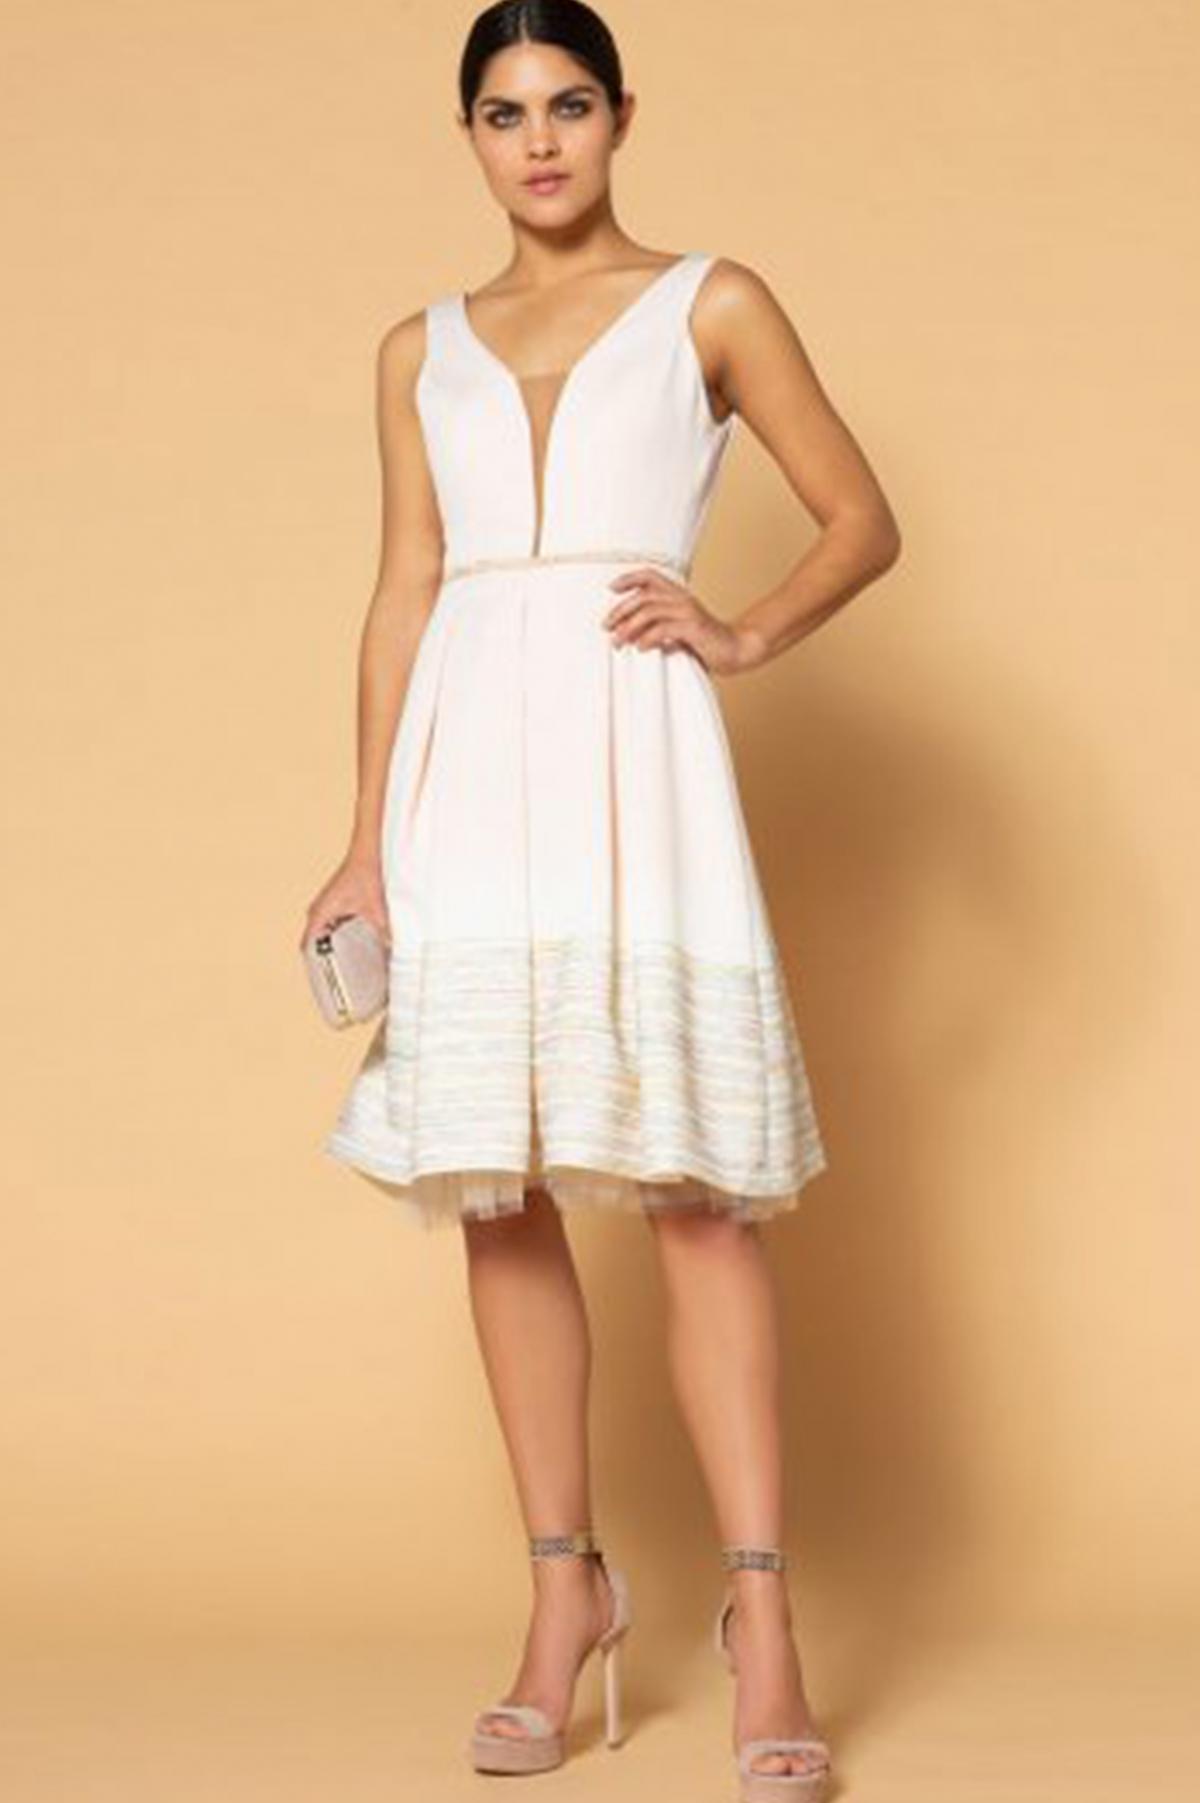 038a2d446cc4 ΦΟΡΕΜΑ - Real Lady - Shop Online